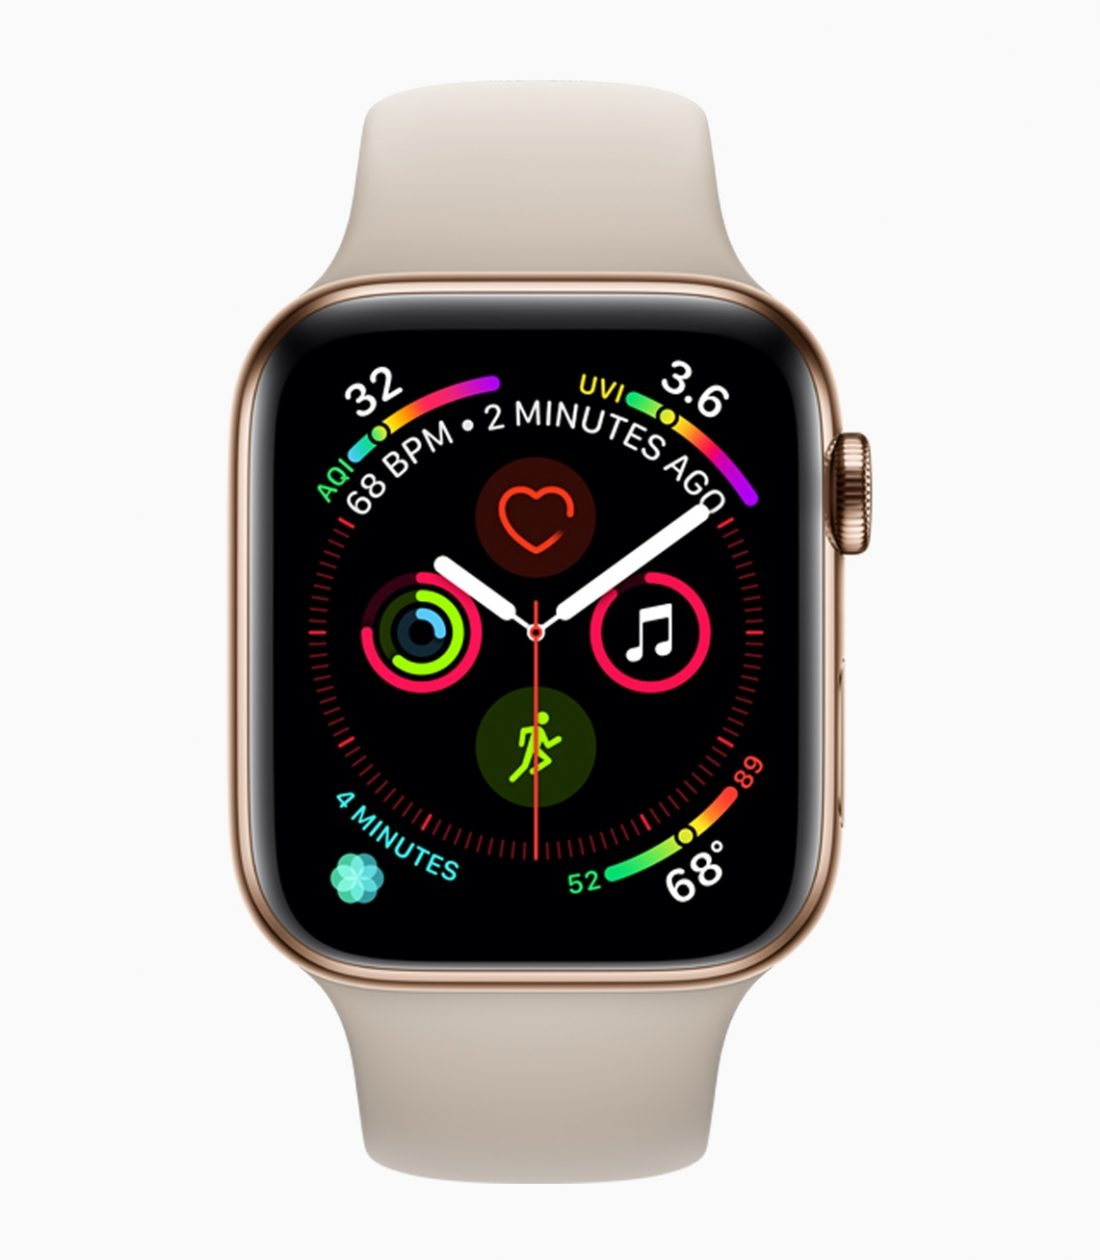 Apple Watch Series 4 com mostrador cheio de complicações